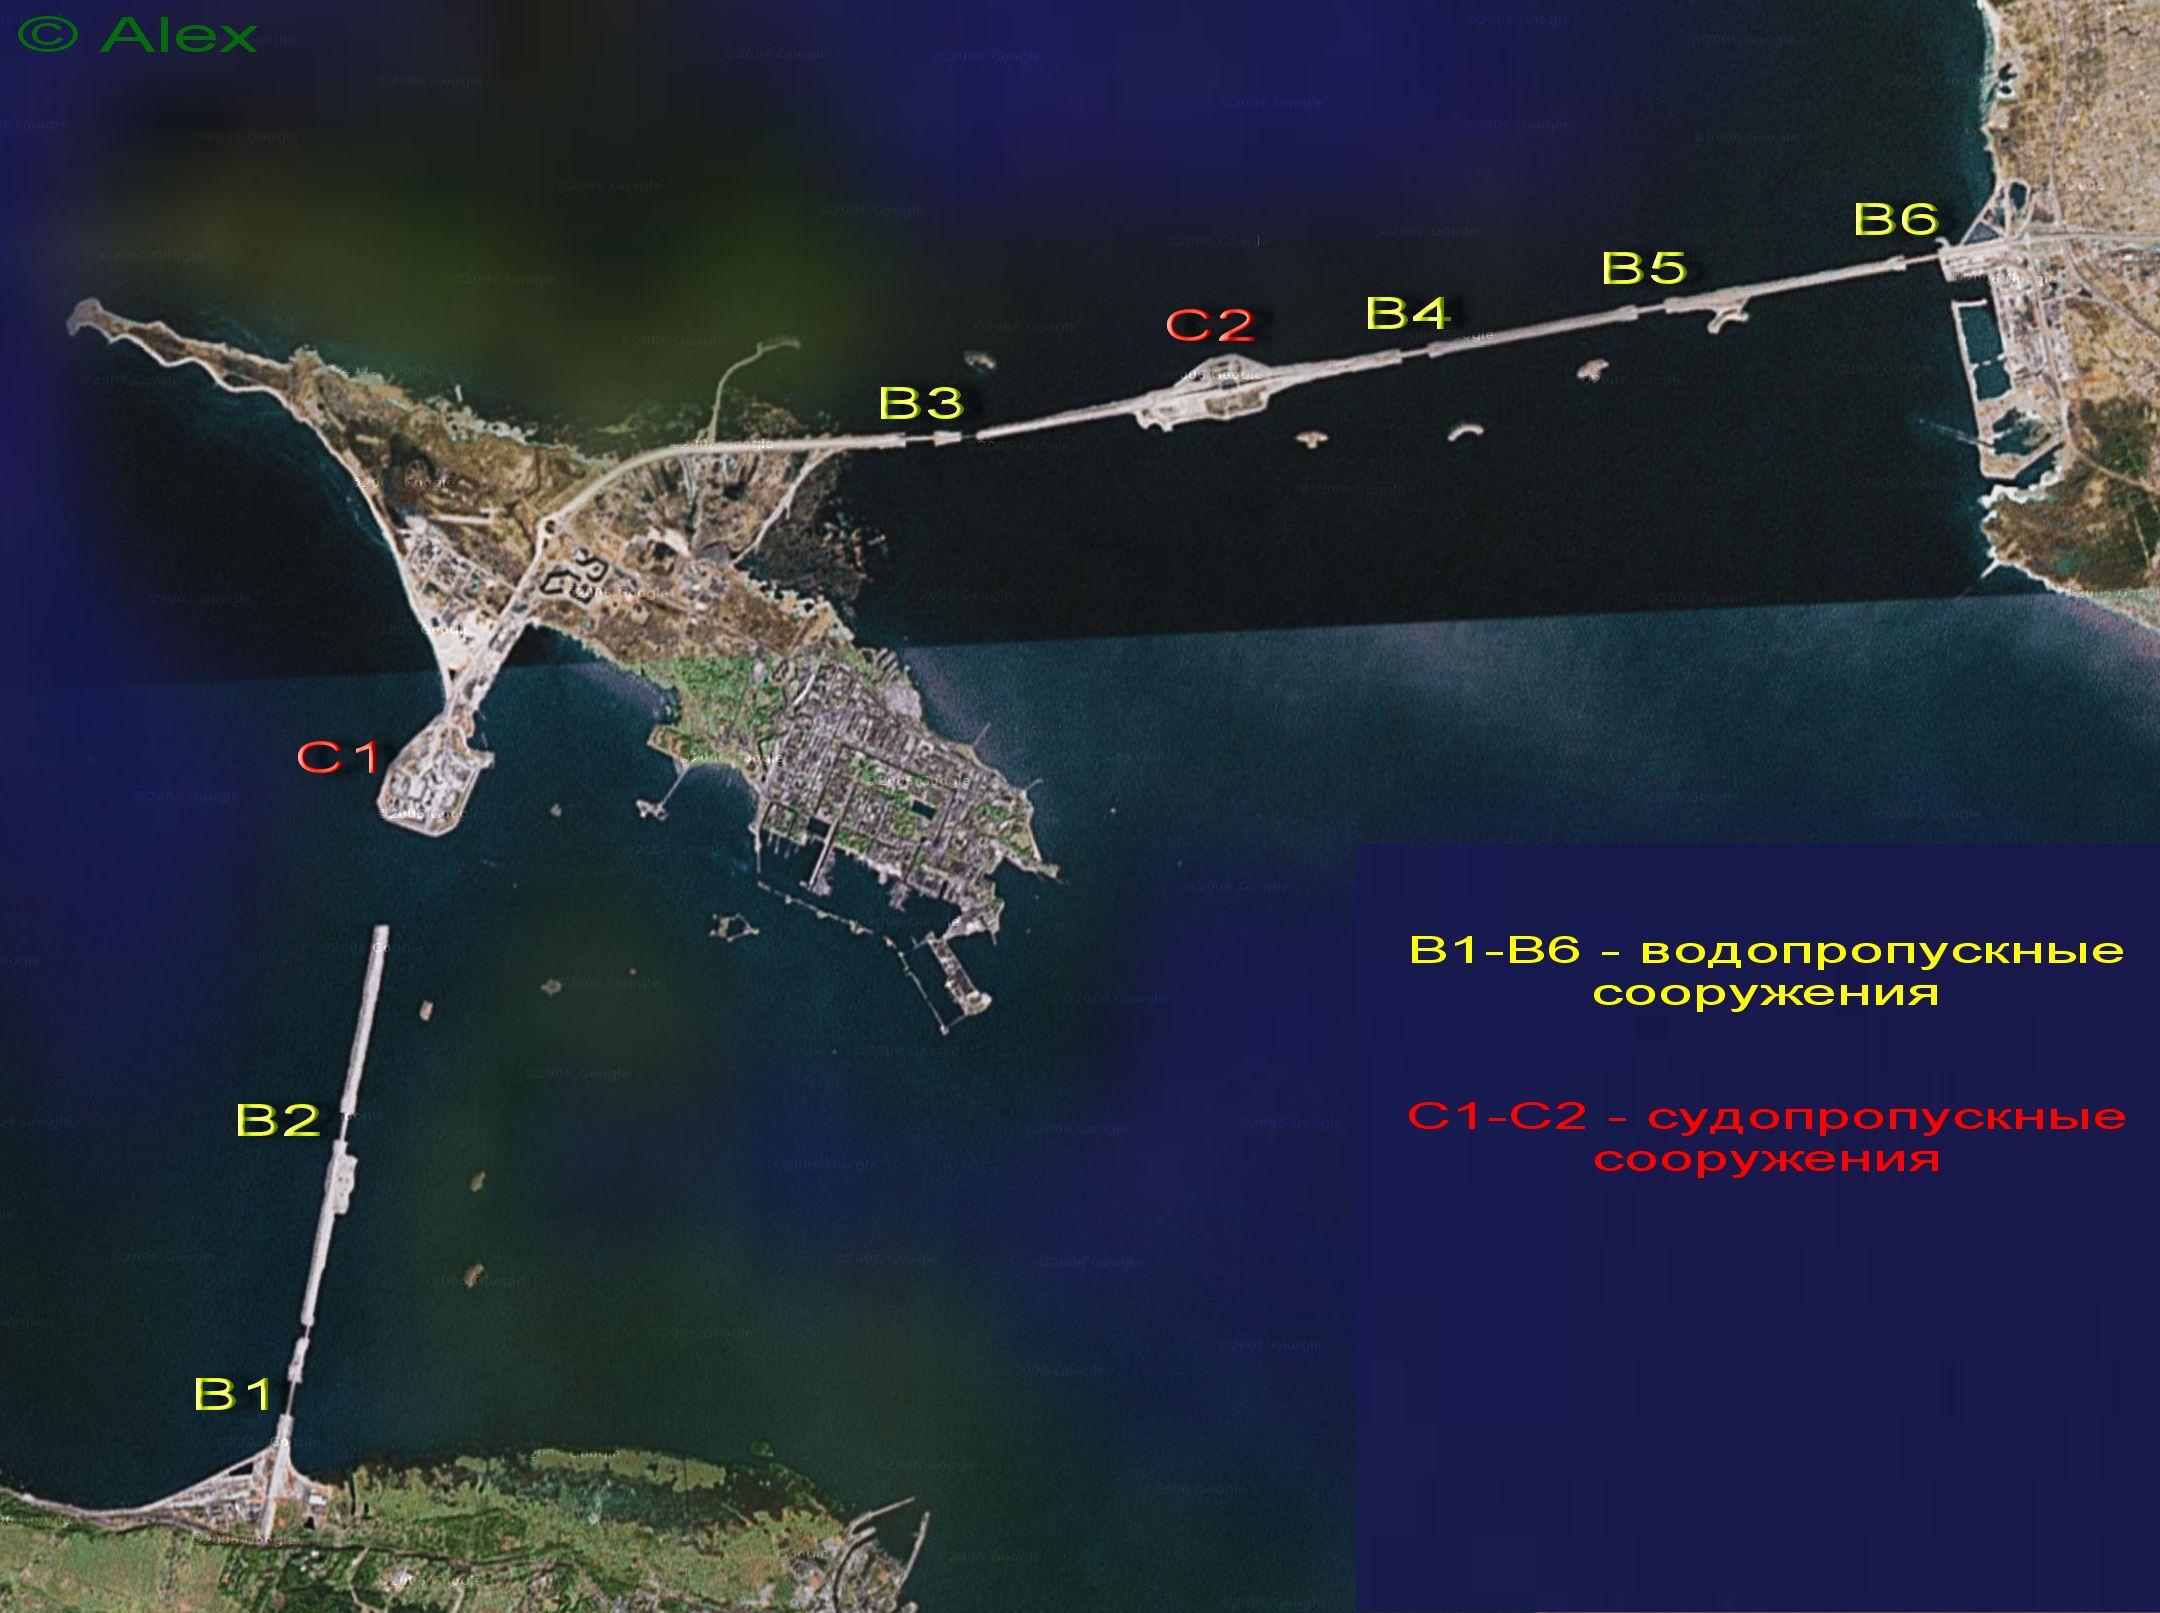 Схема на основе спутникового снимка.  Кликните для увеличения.